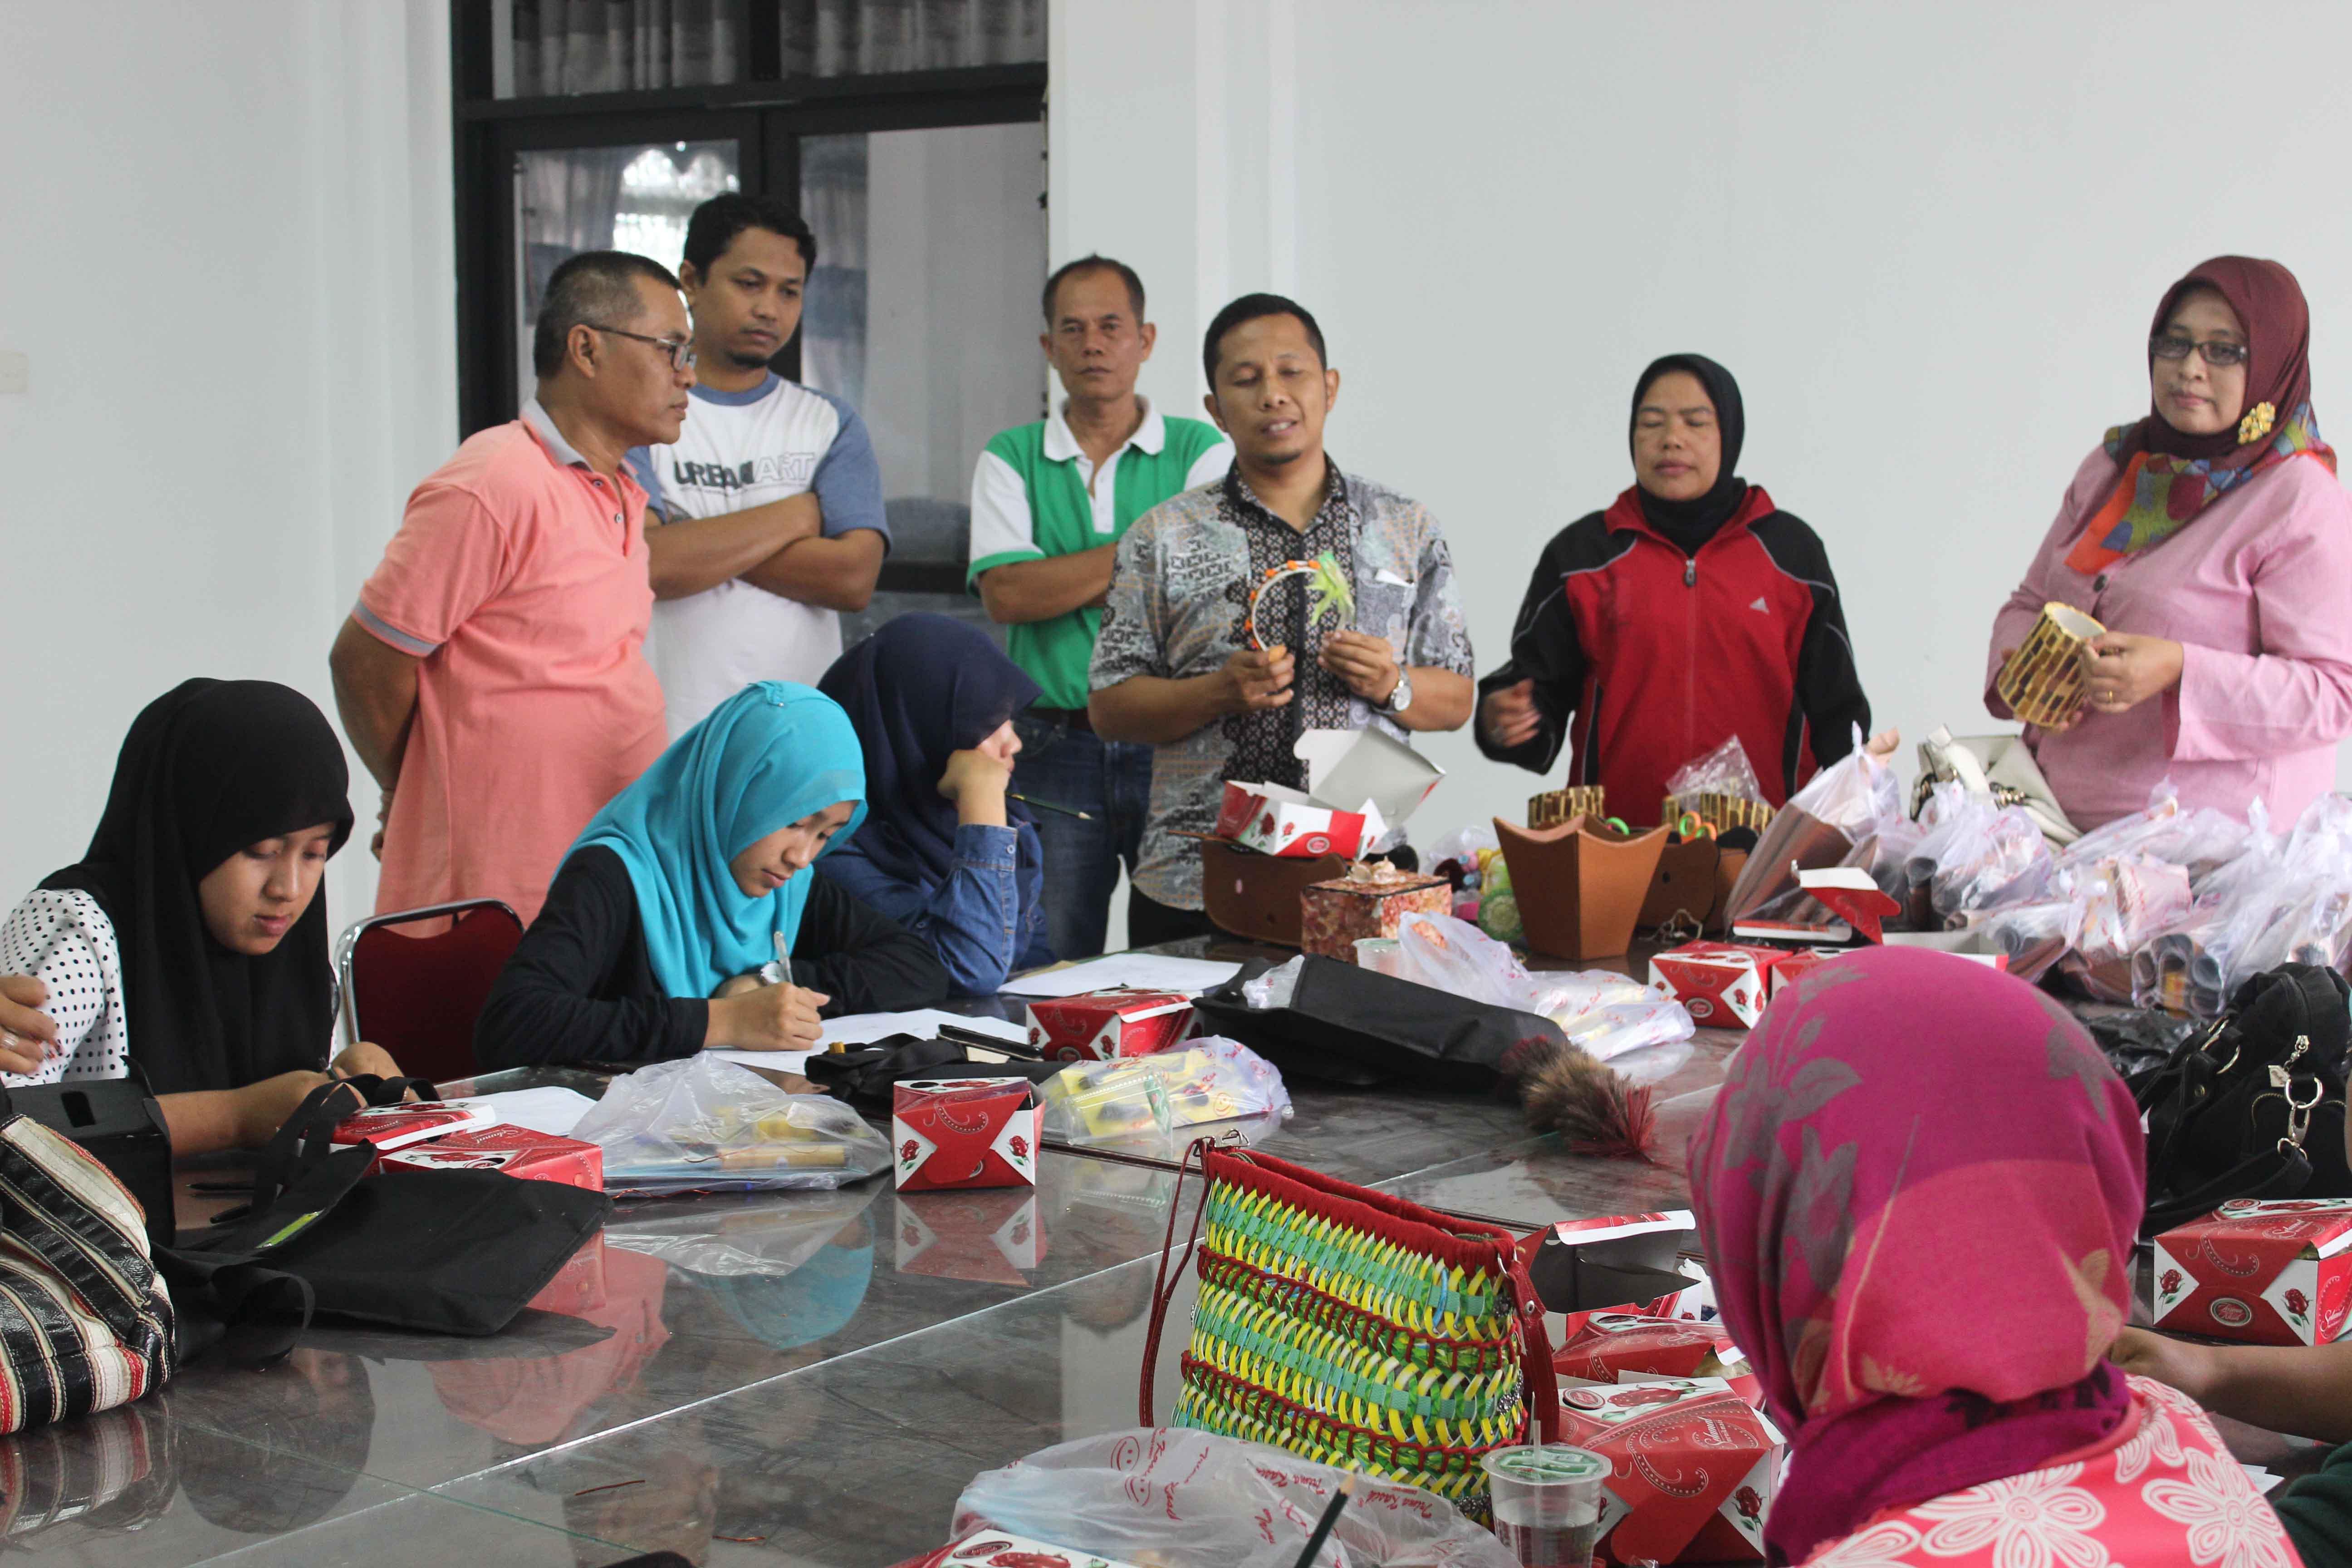 Anggota DPRD Novi Hendri dan Puji Hastuti didampingi PlT Kadis Koperindag dan UMK, Arpan saat memberikan pengarahan terhadap peserta pelatihan handy craft di Pondok Disain dan Promosi Senja Kenangan di Bukitsurungan